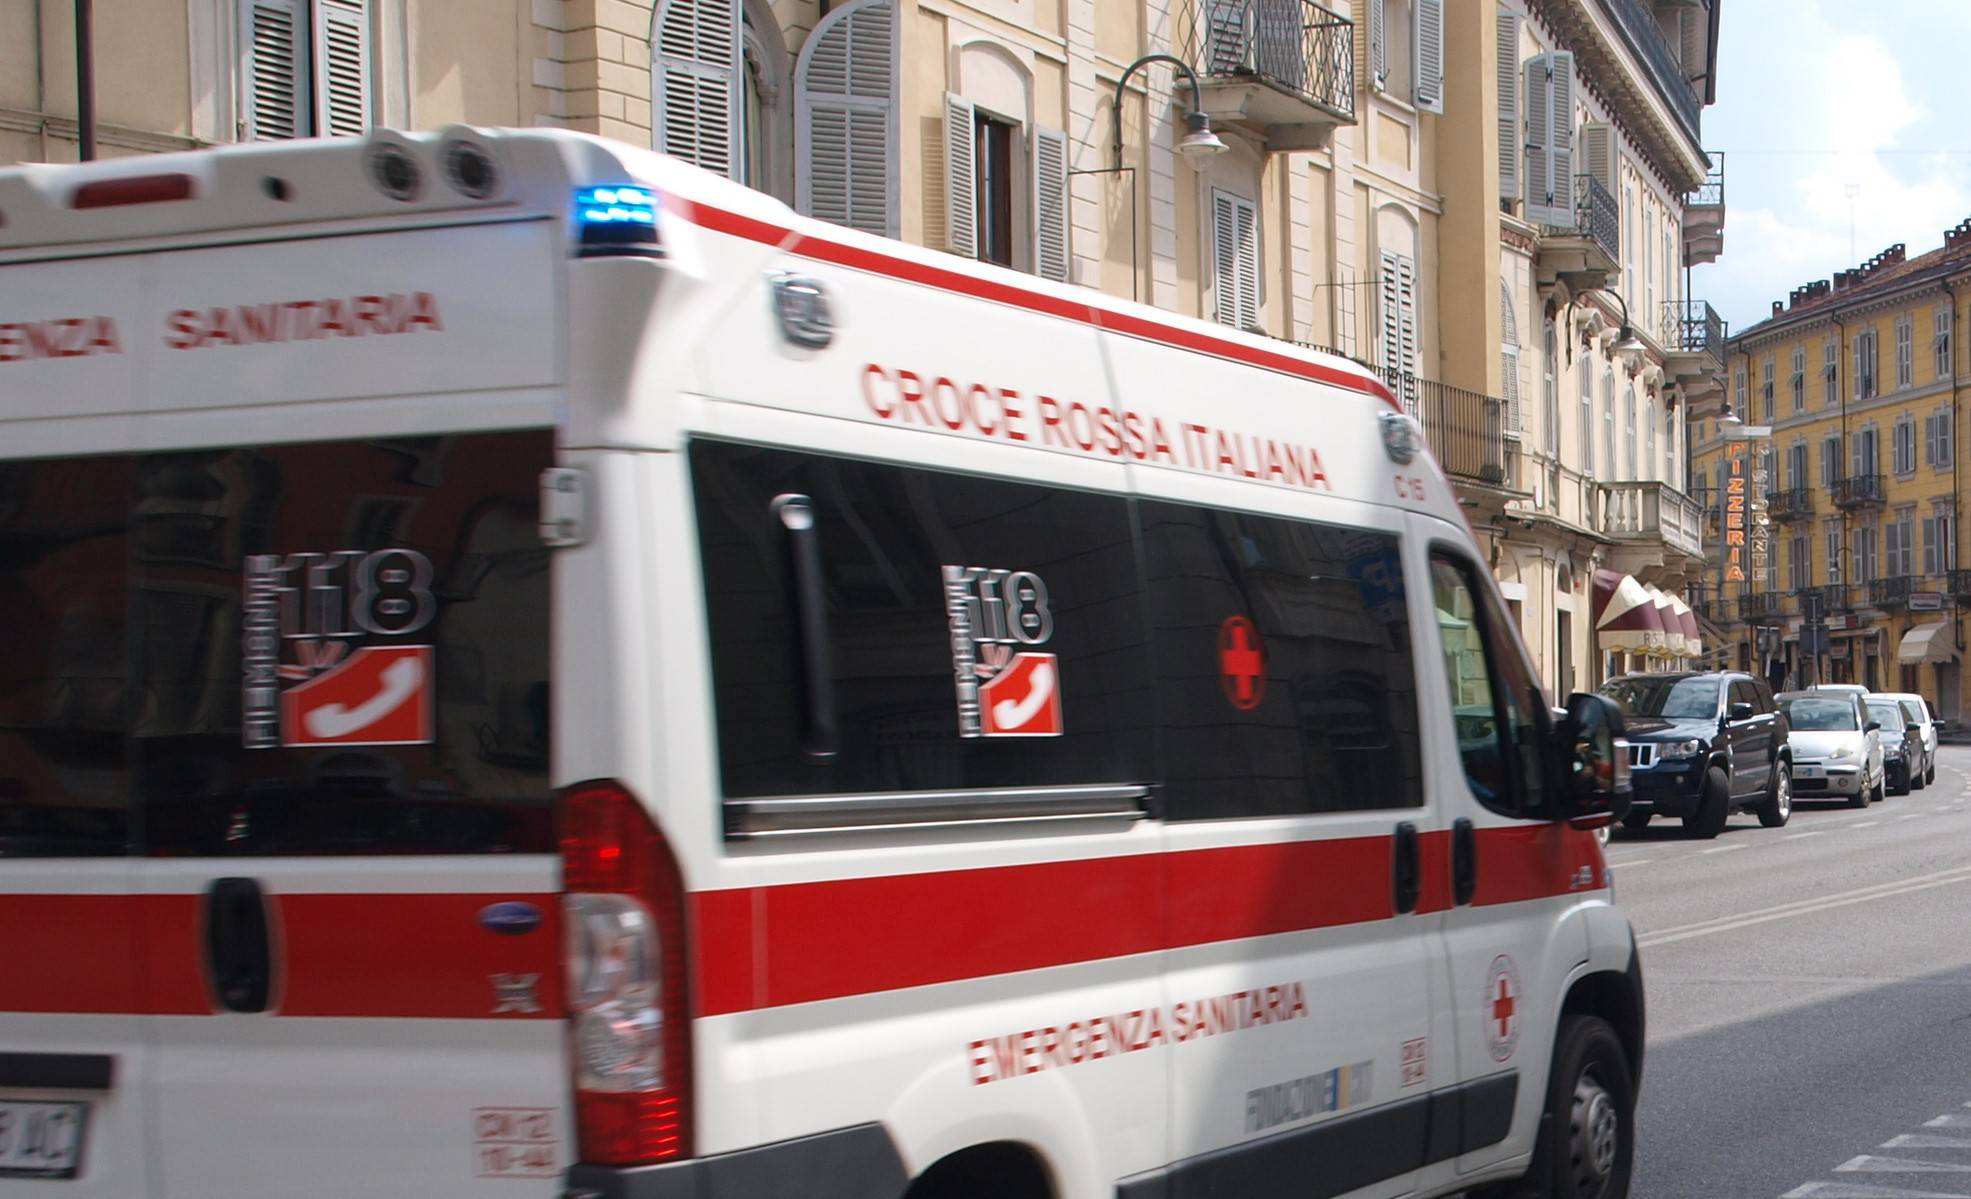 Giallo a Torino, 18enne si toglie la vita gettandosi dalla finestra